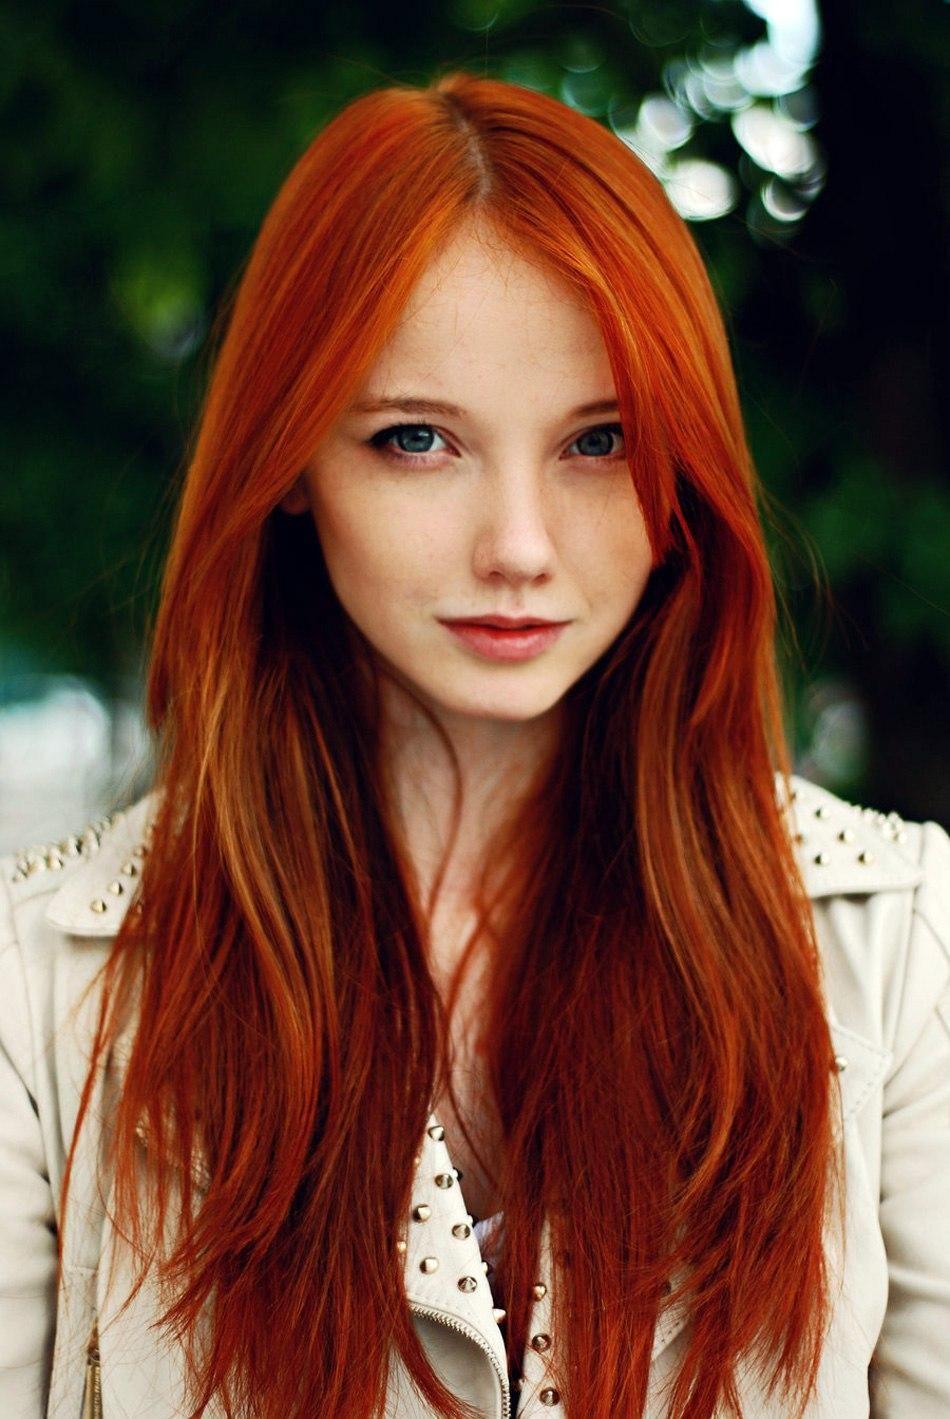 Girl girl redhead #4